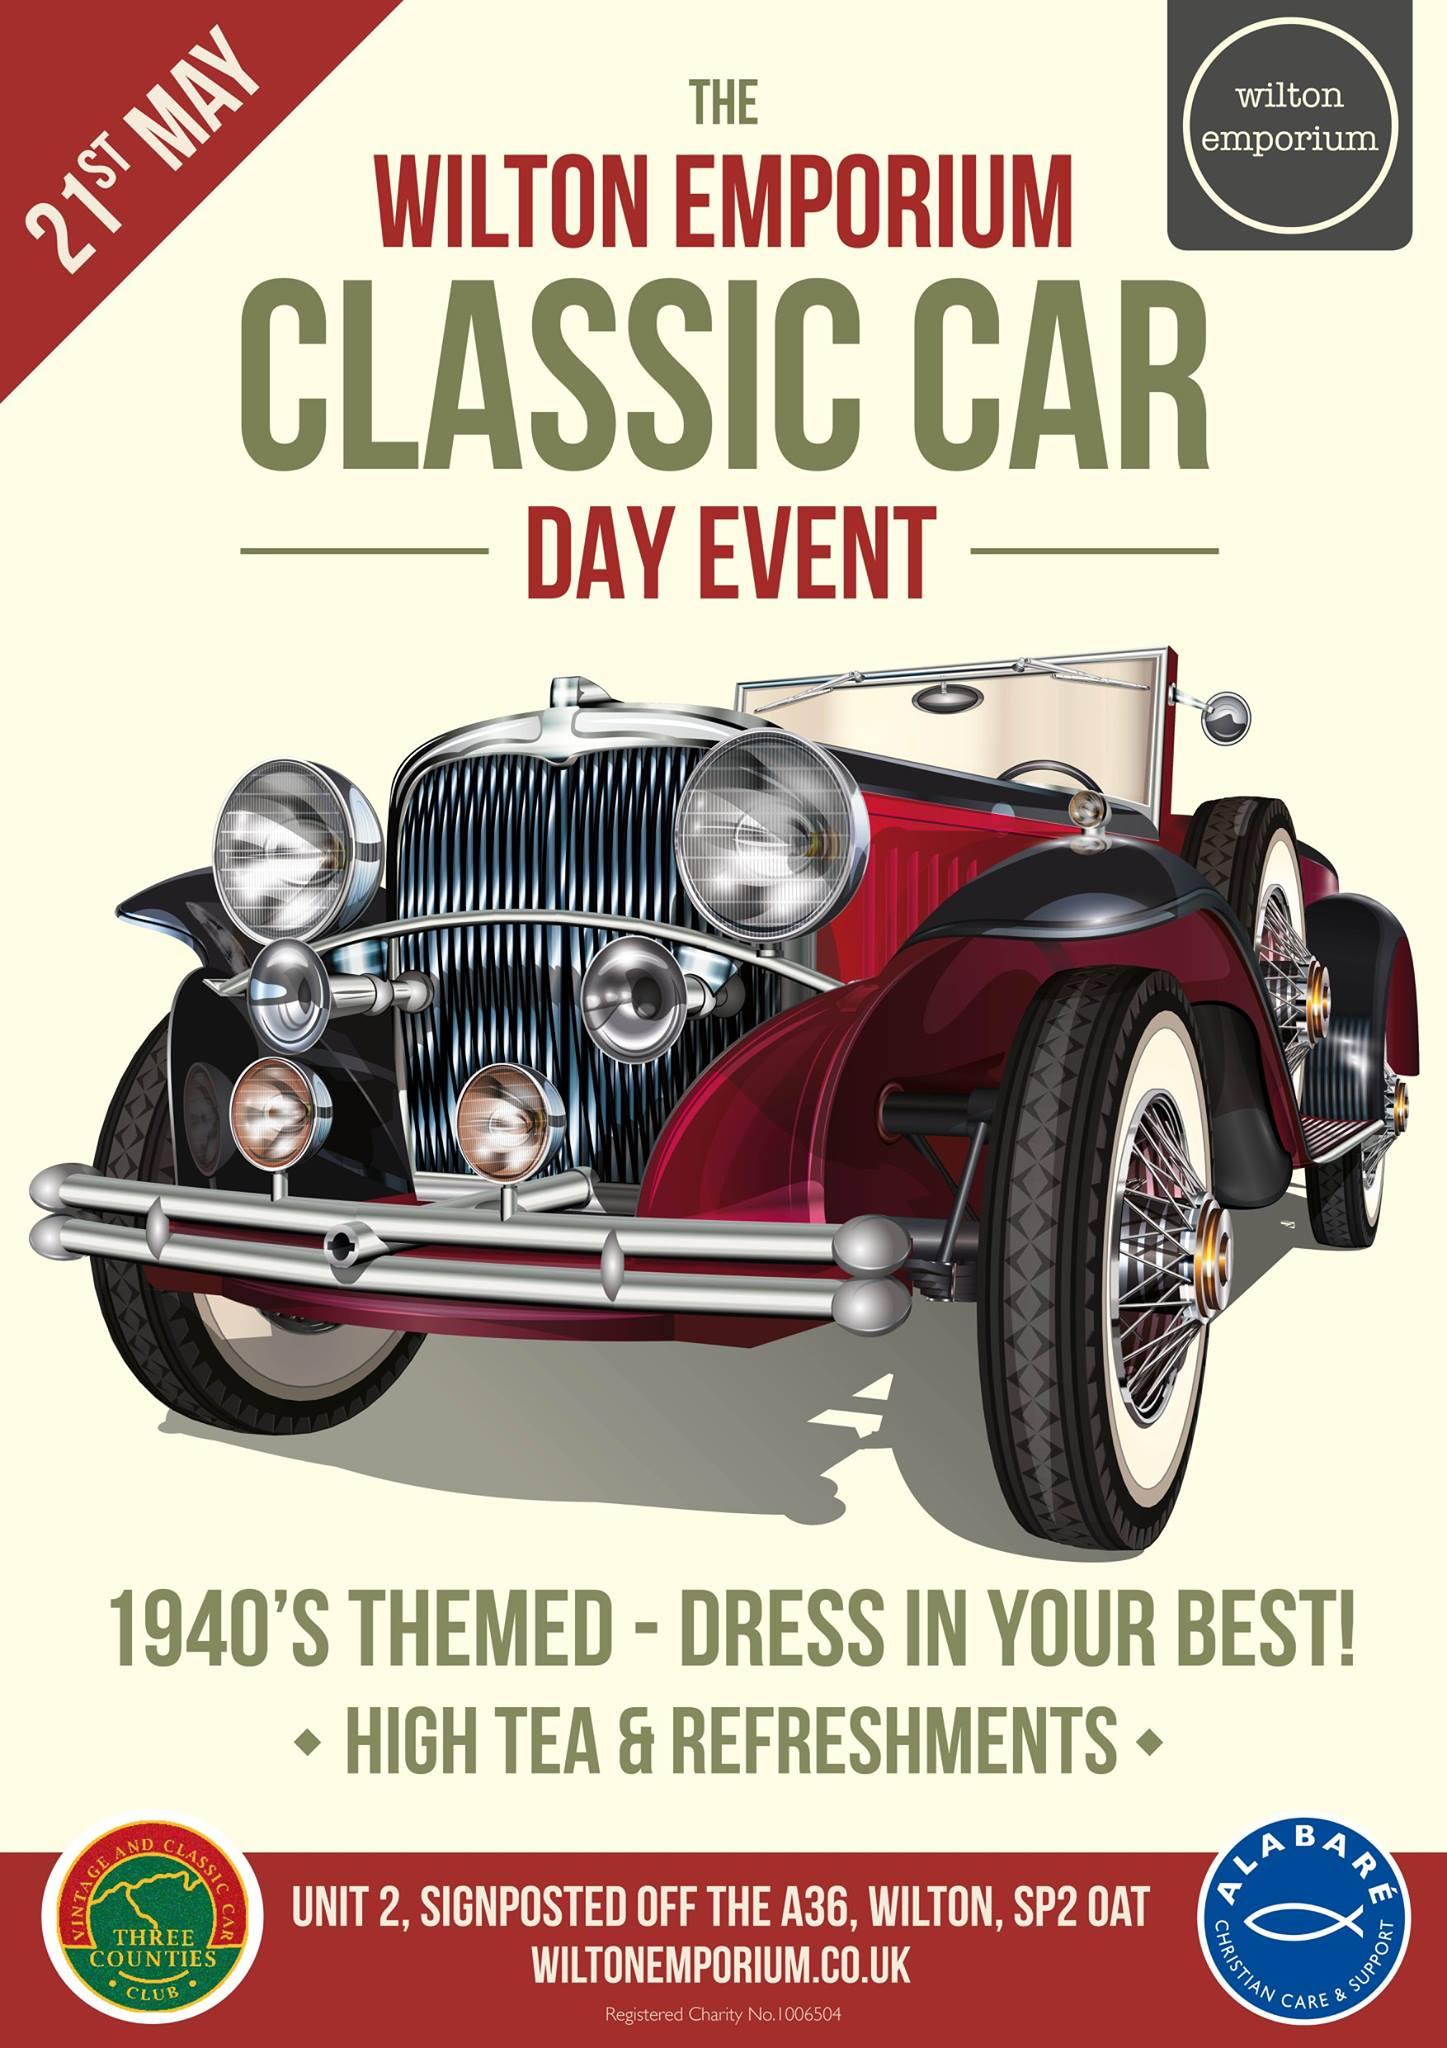 wilton emporium classic car event alabare